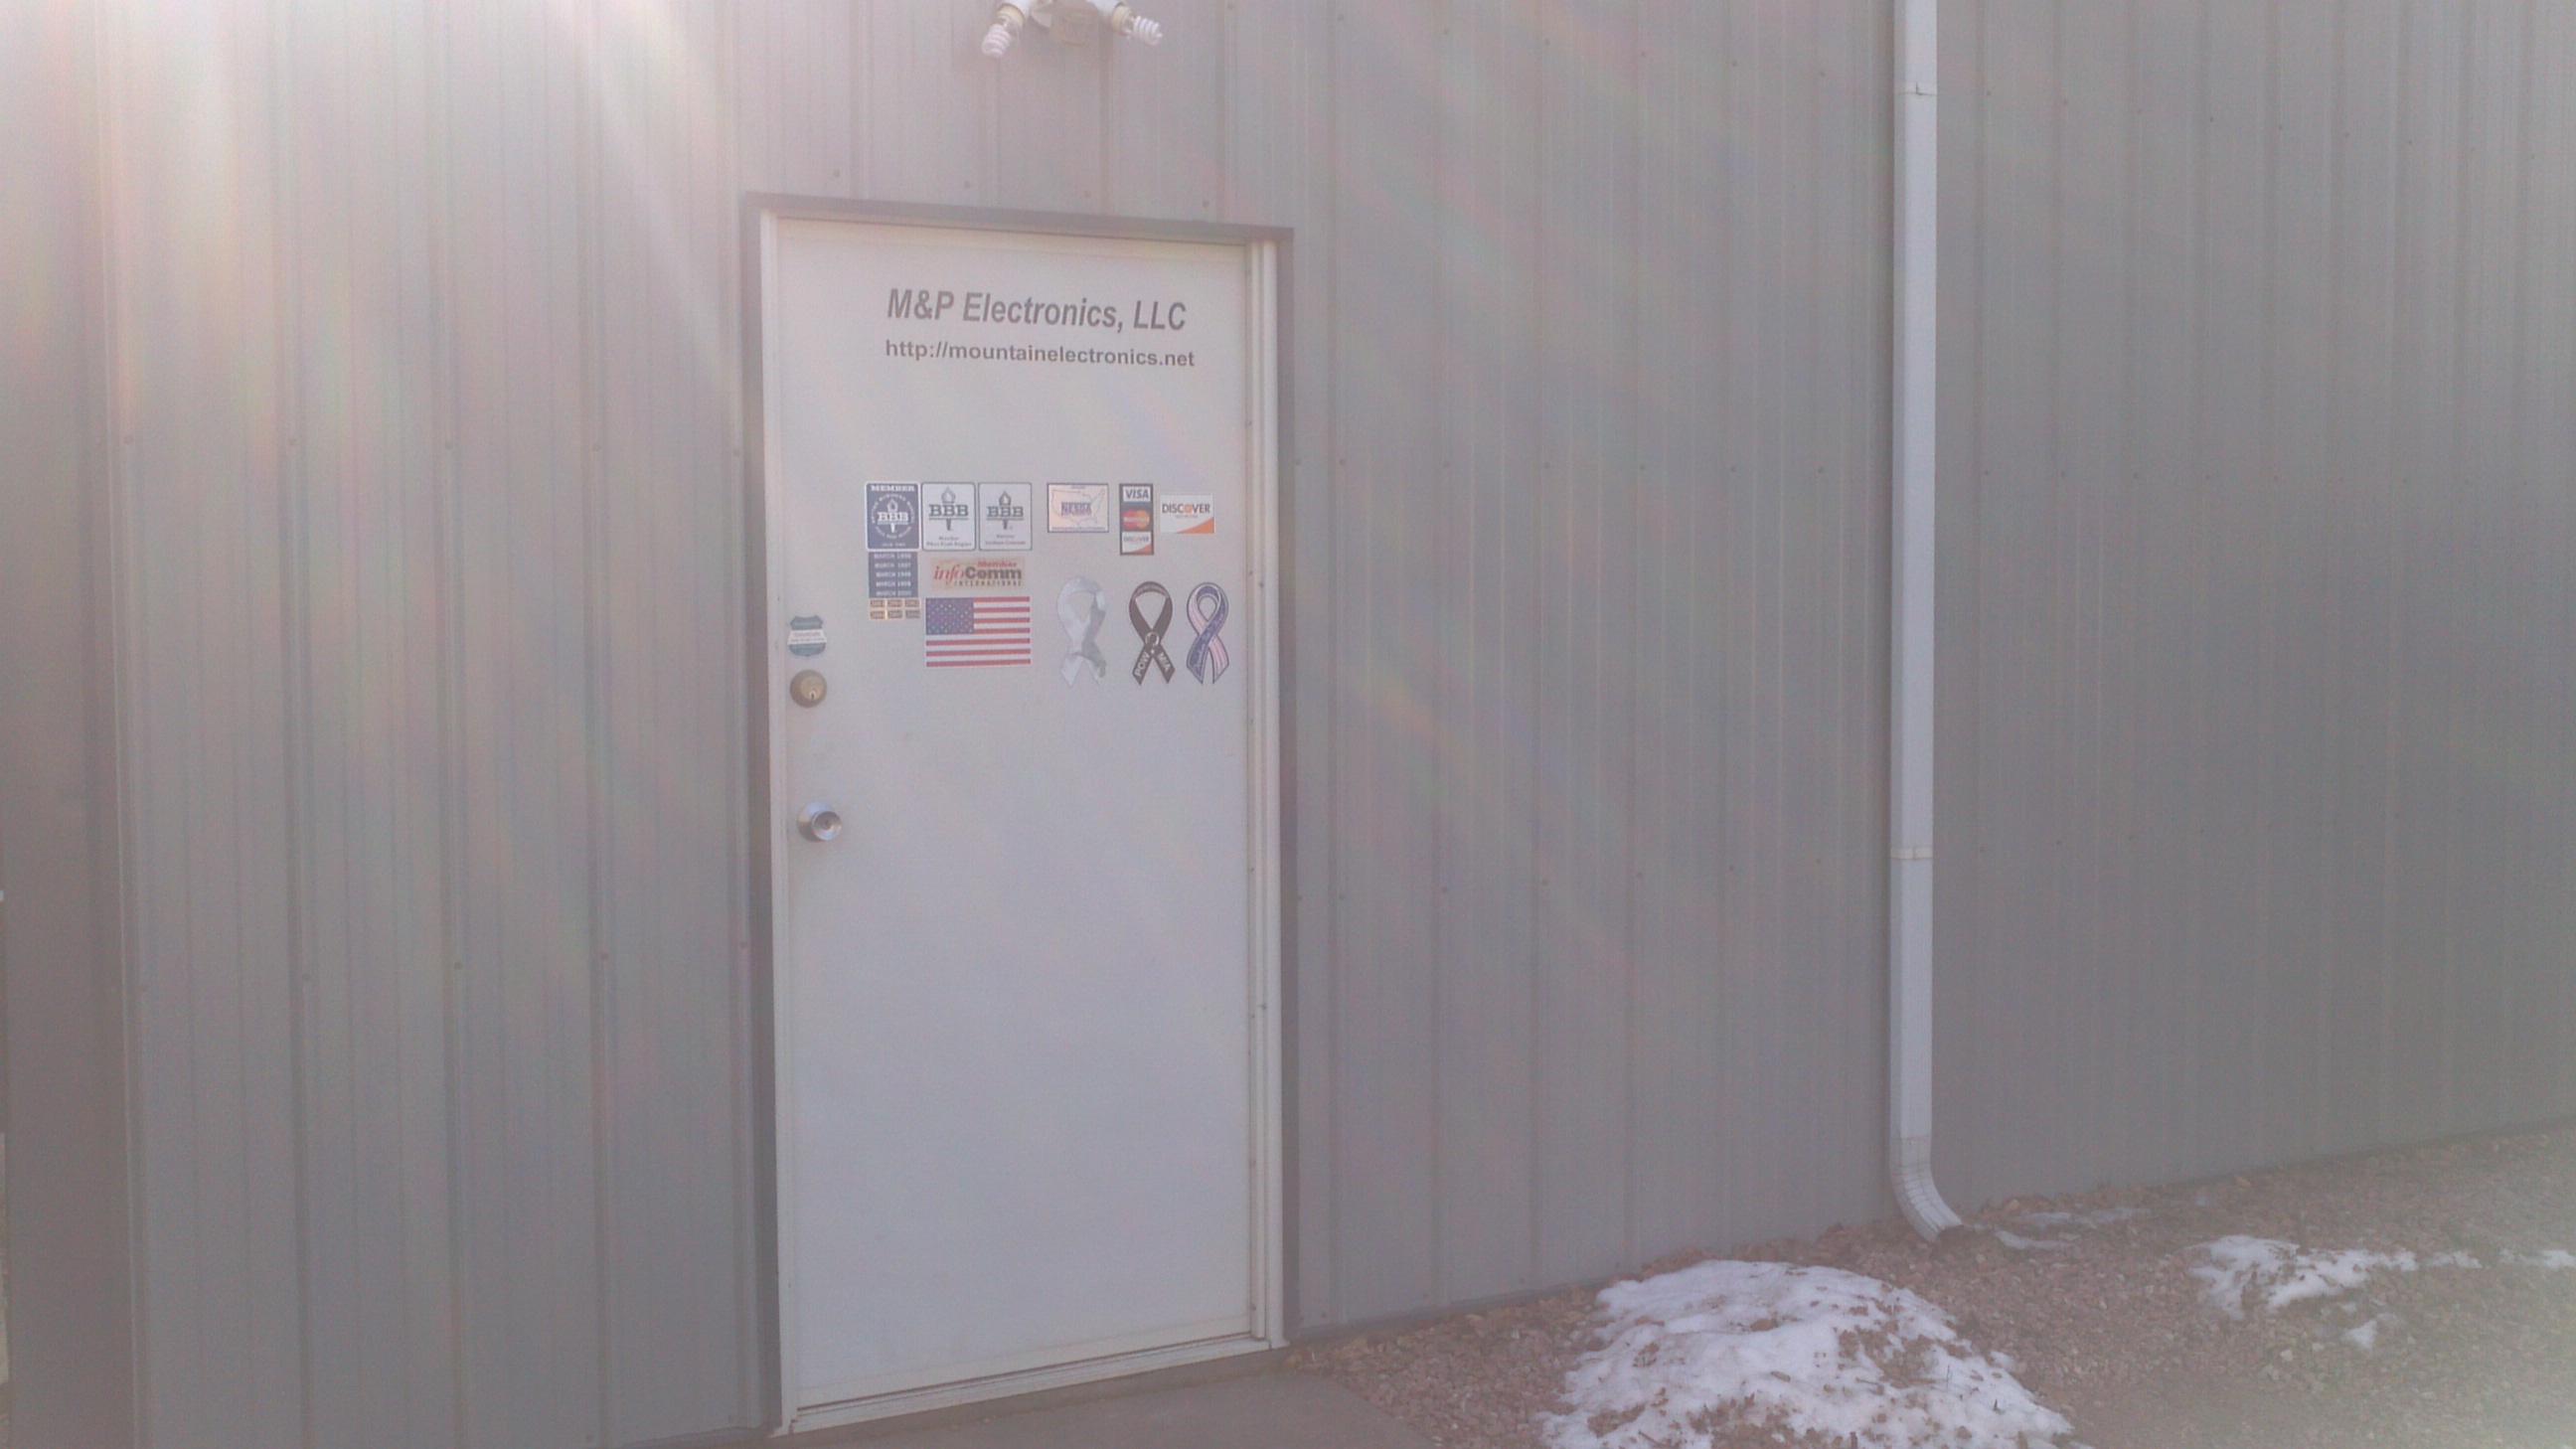 M&P Electronics LLC image 0